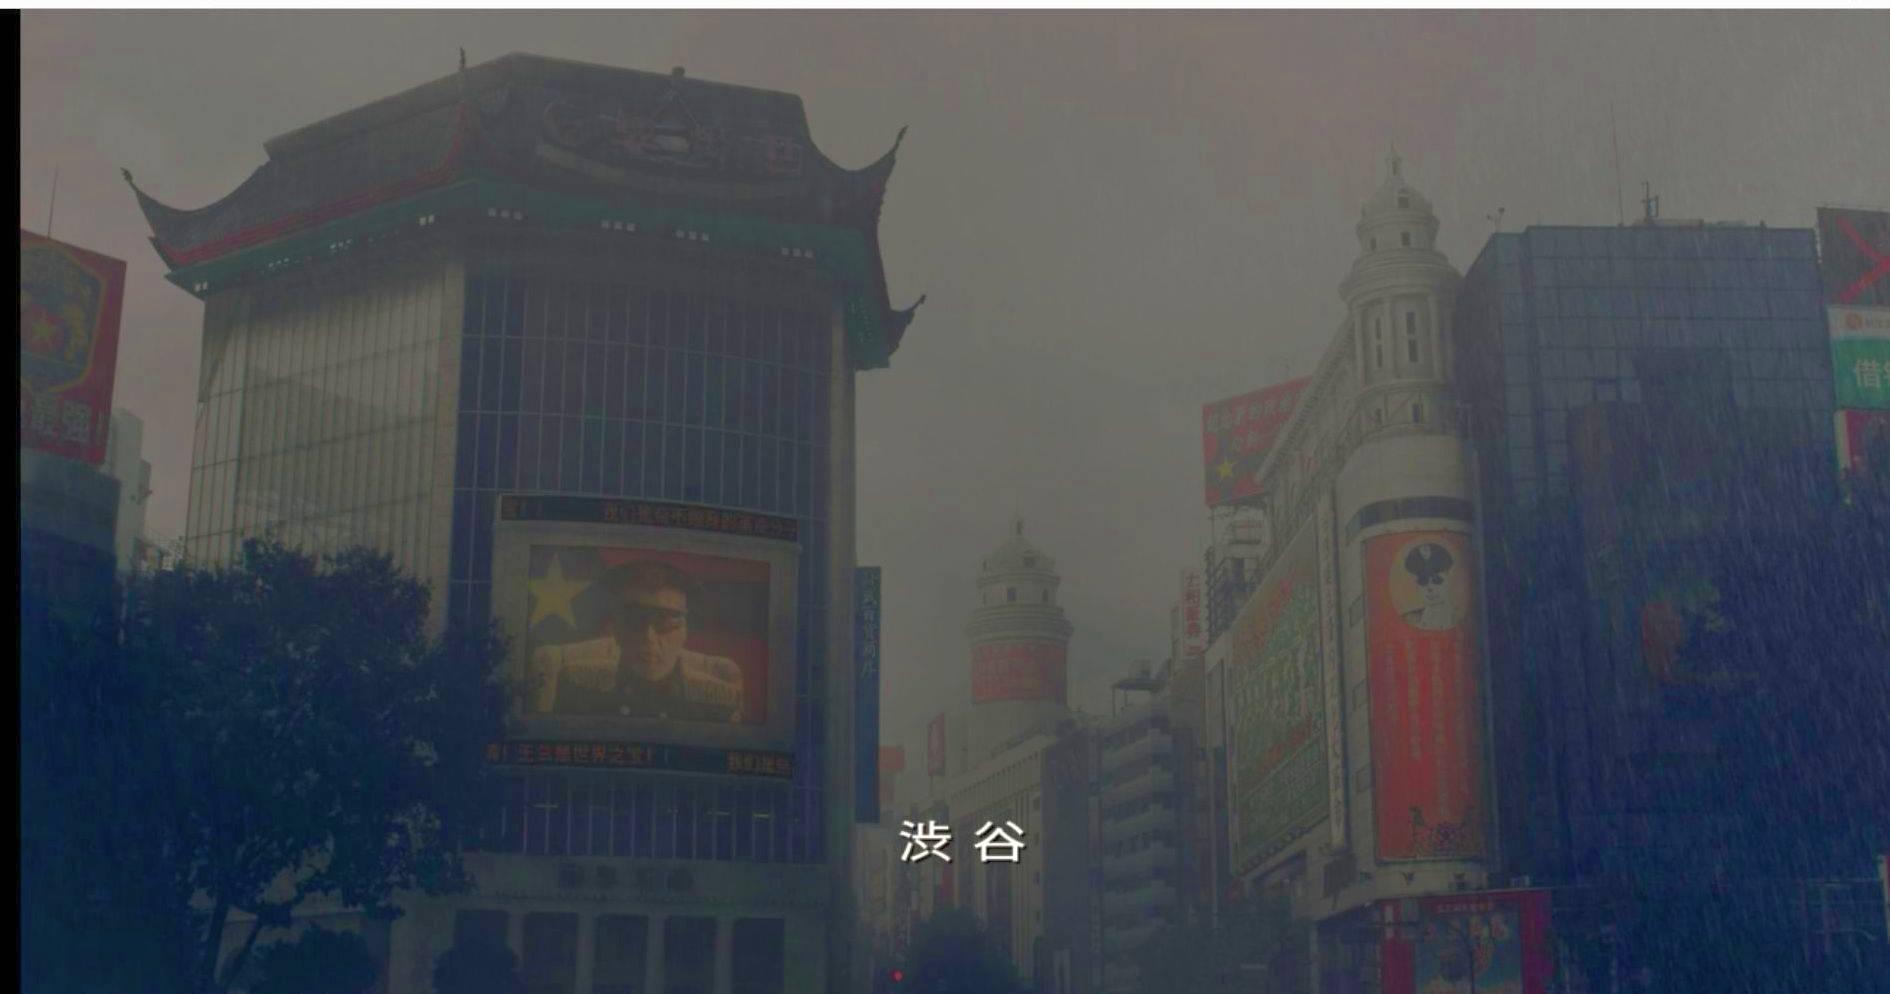 中国風になった渋谷(幸福の科学ファイナル・ジャッジメントより)